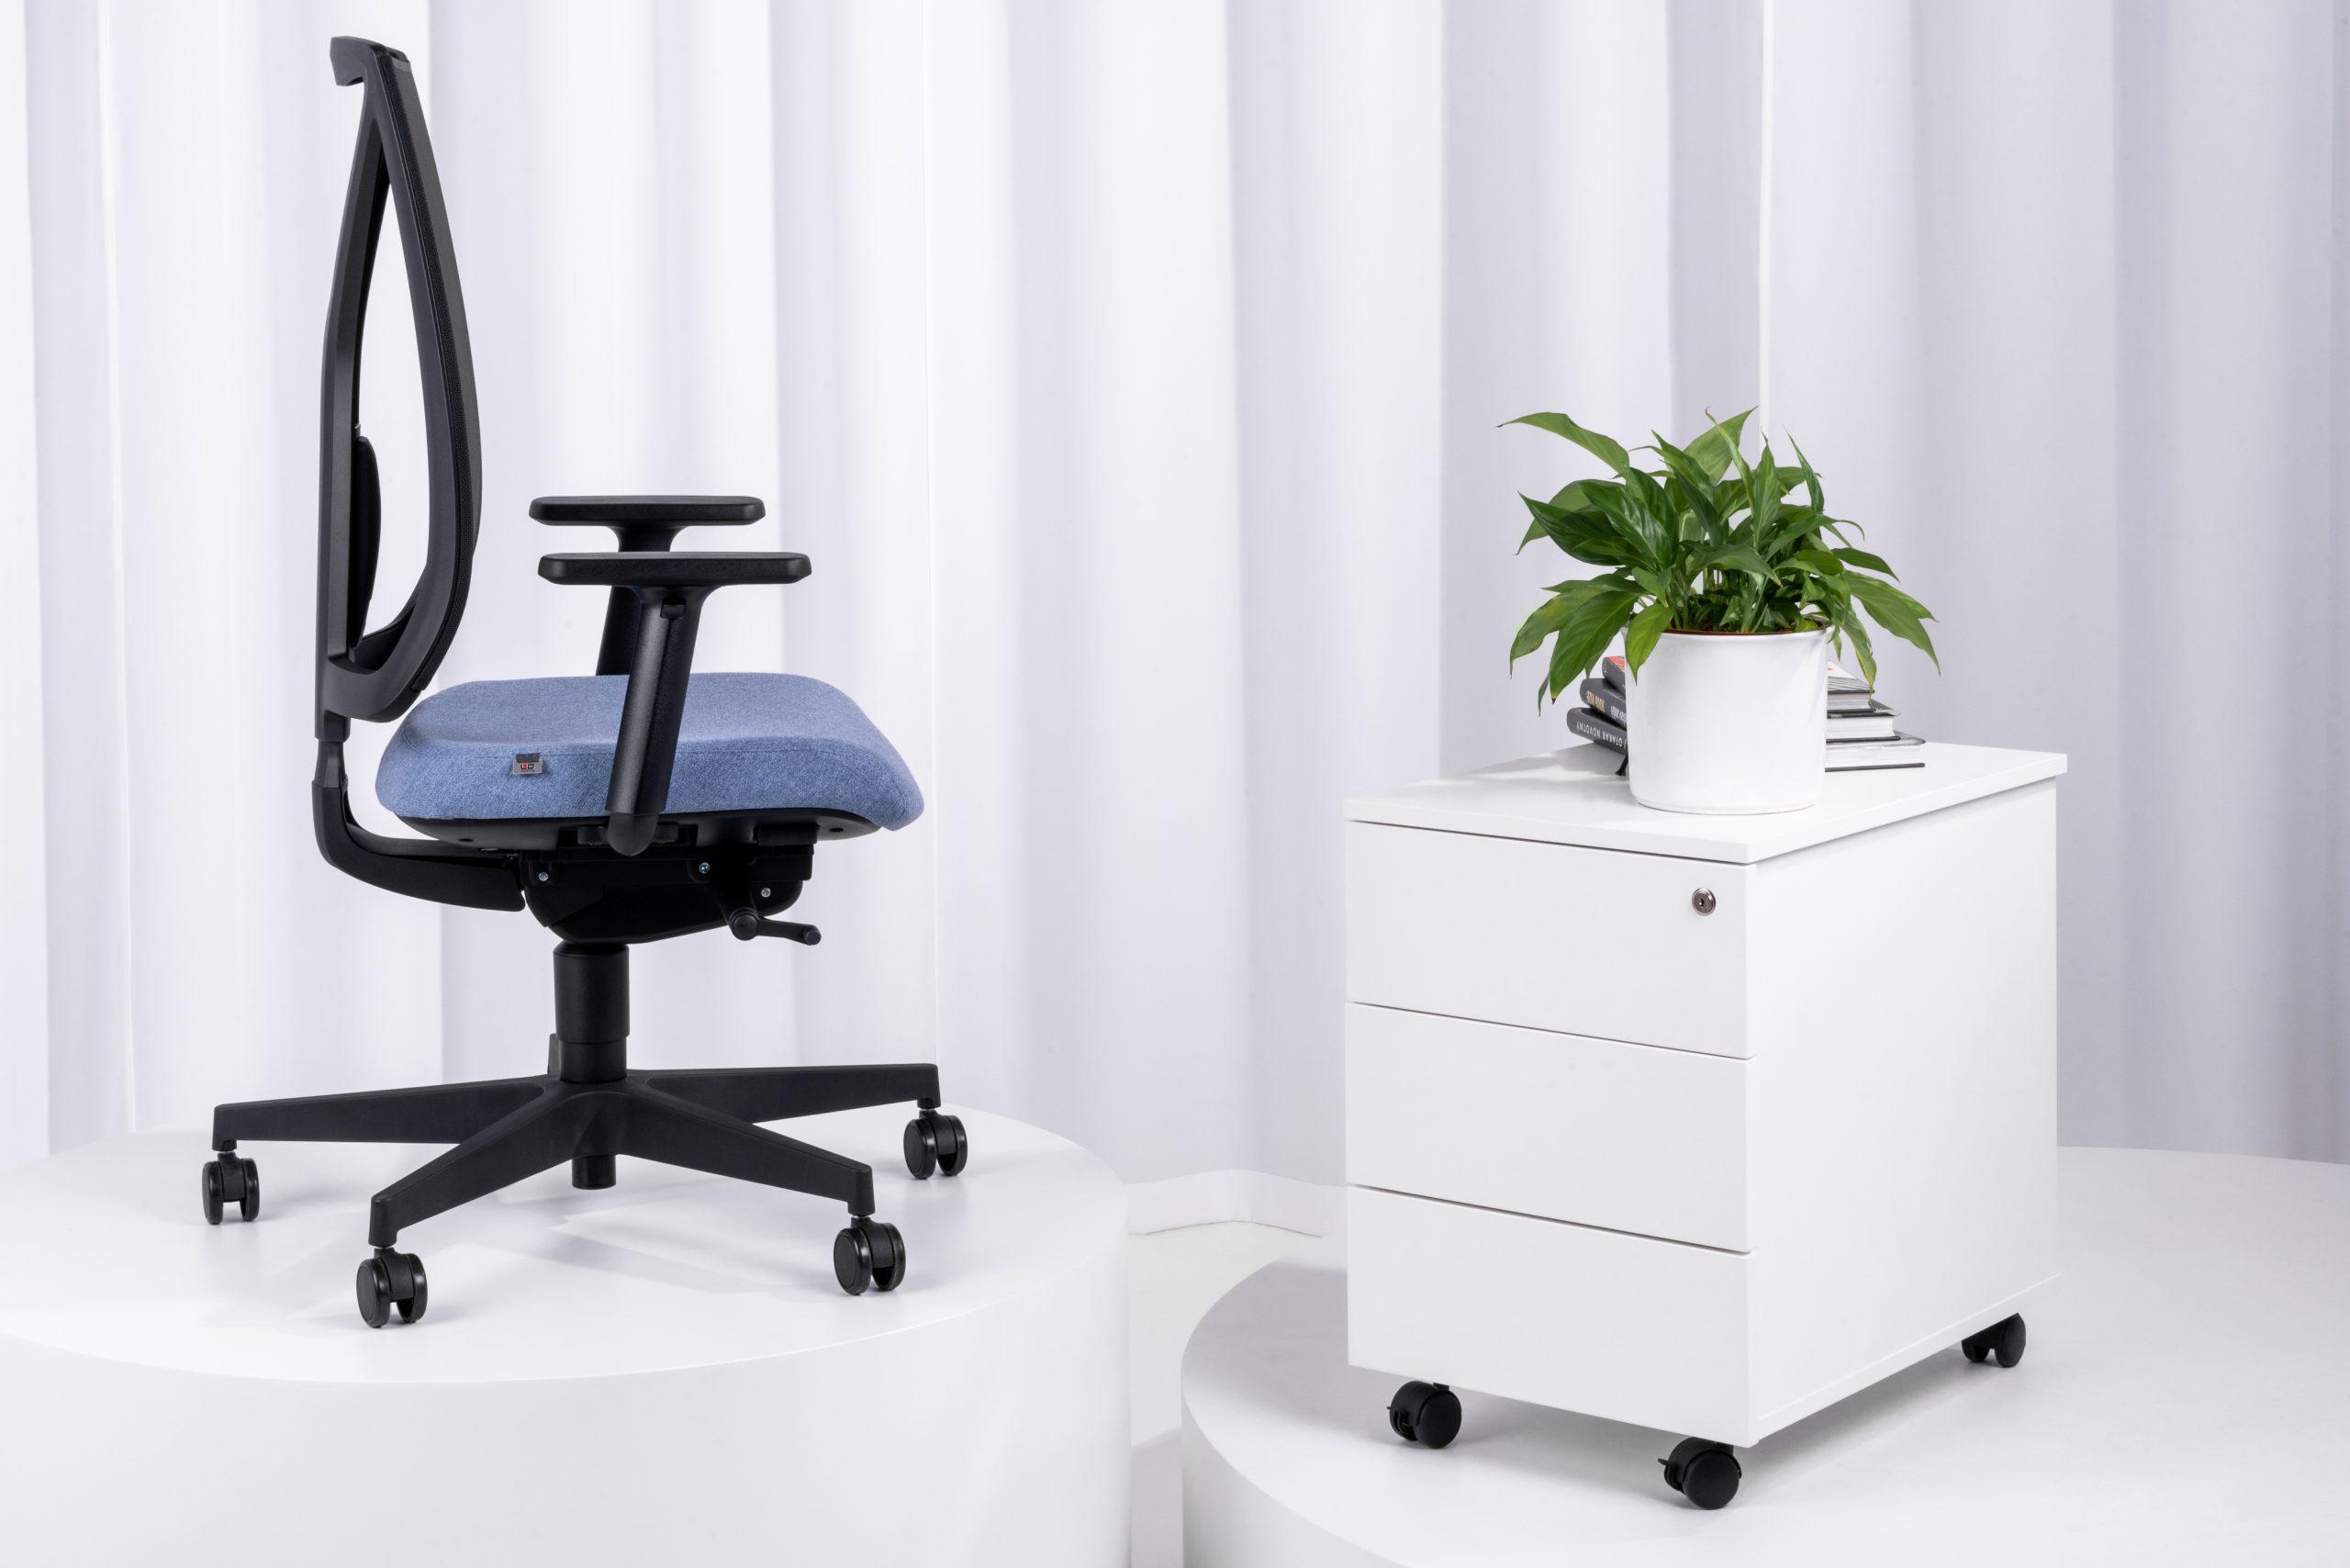 Leaf krēsls ar tīkliņauduma vai polsterētu atzveltni